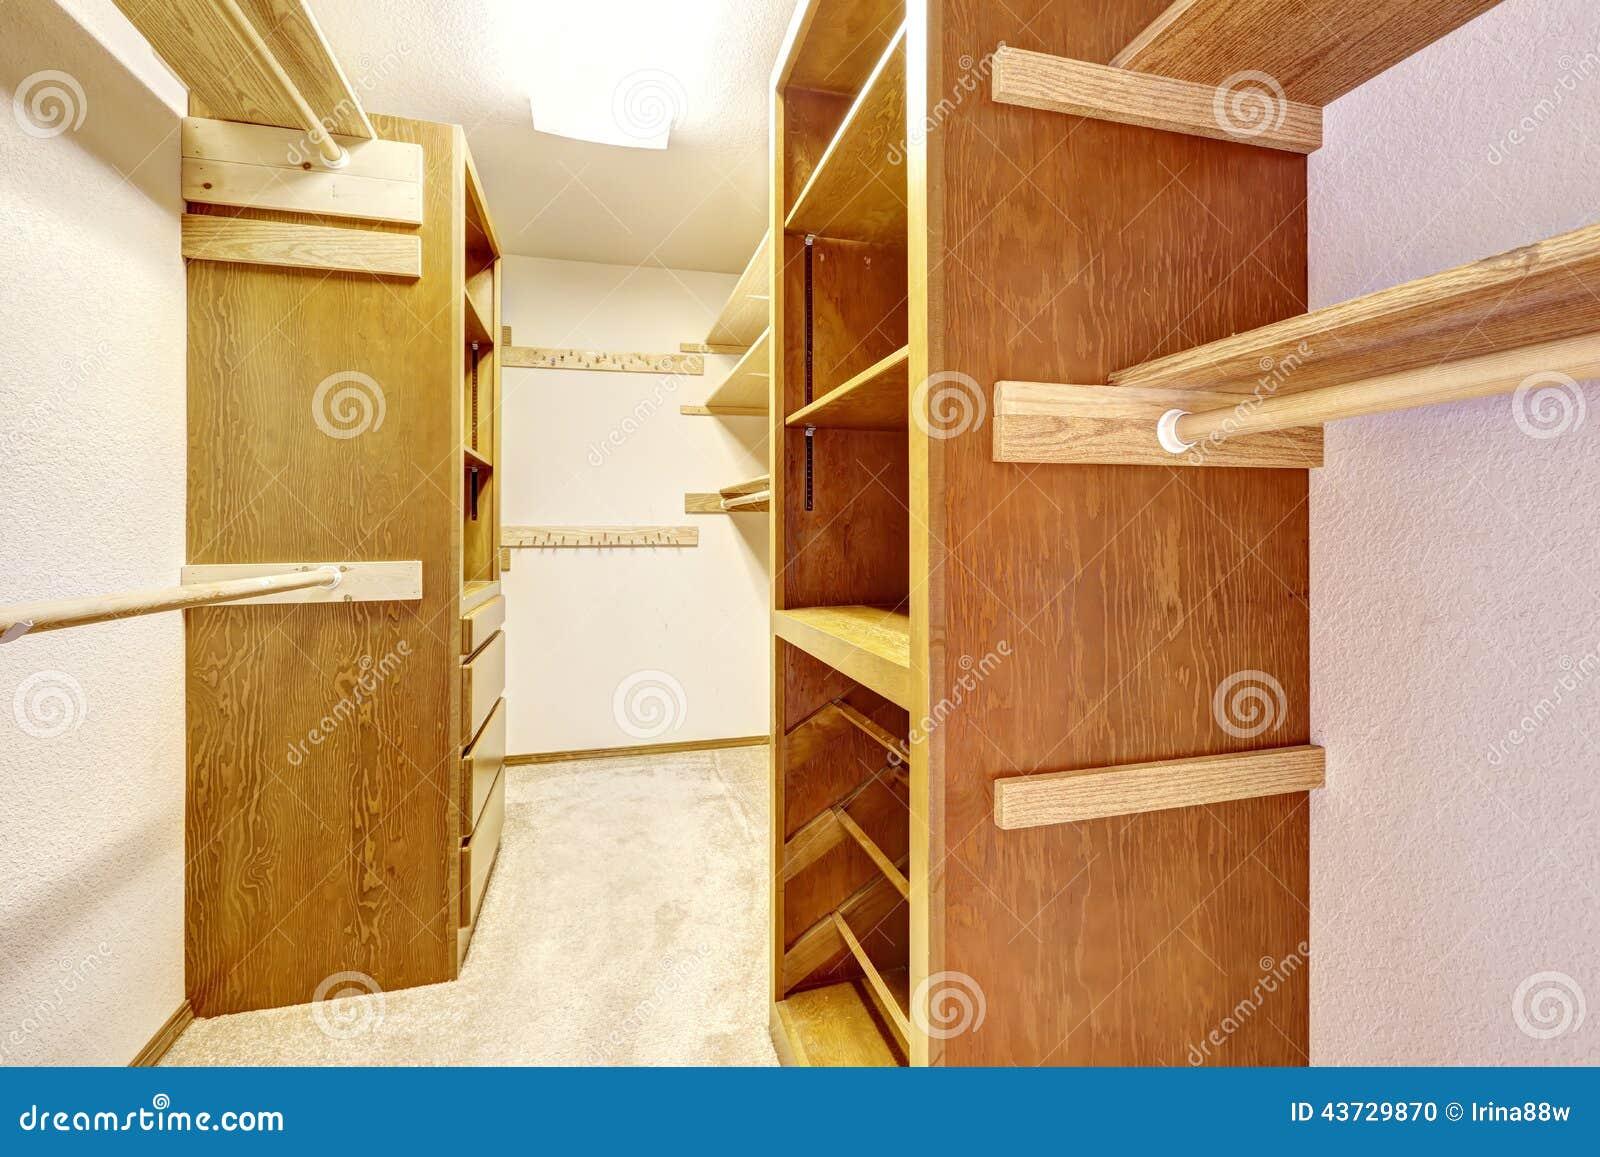 Penderie dans la maison vide photo stock image 43729870 - Penderie maison ...